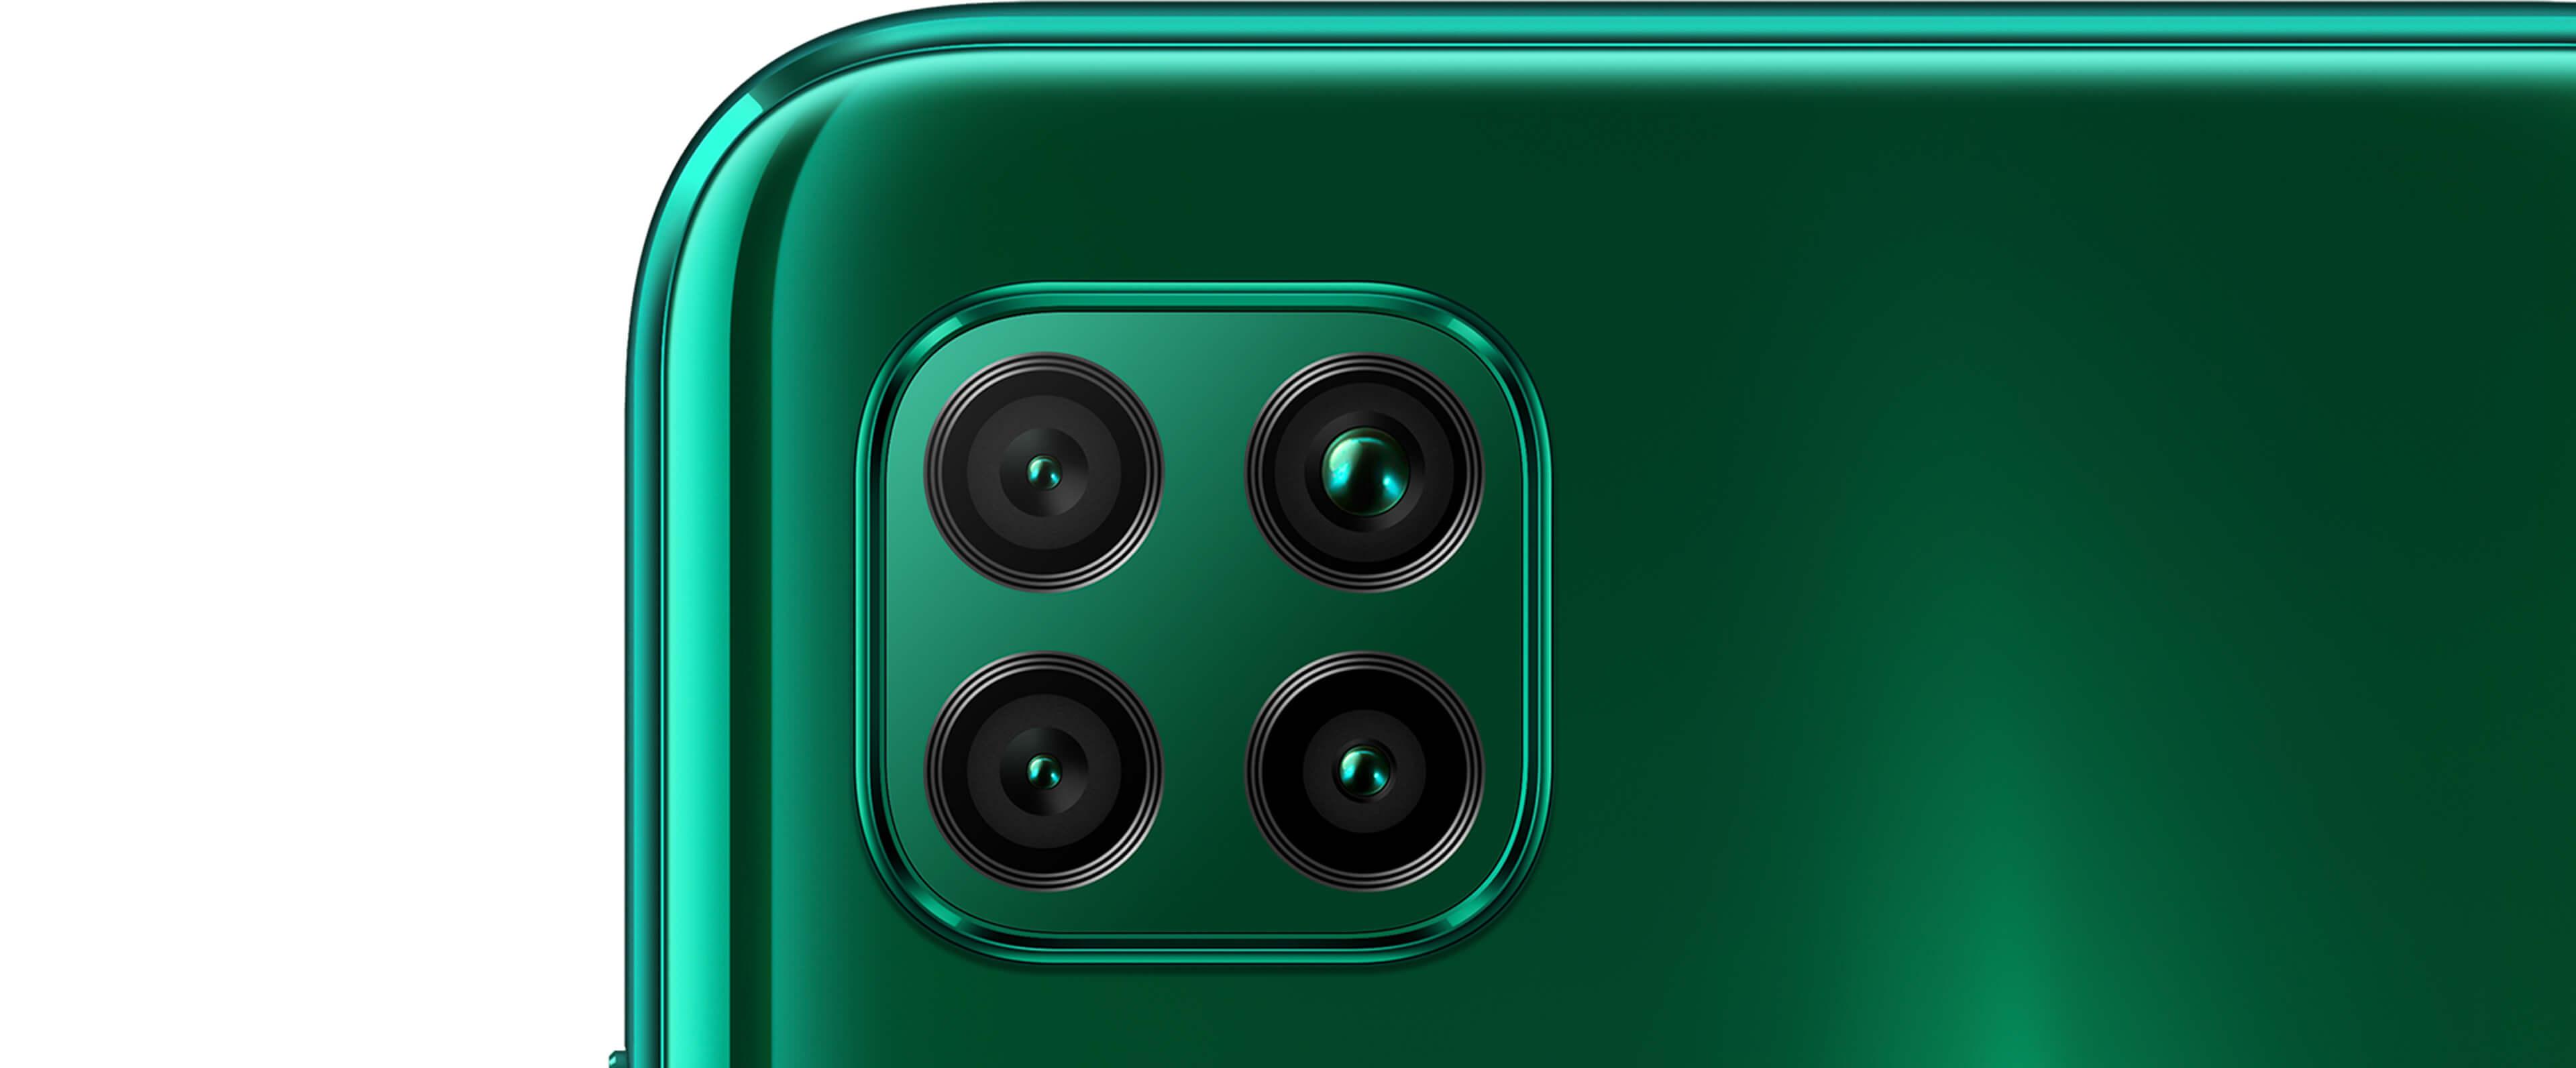 HUAWEI nova 7i quad camera